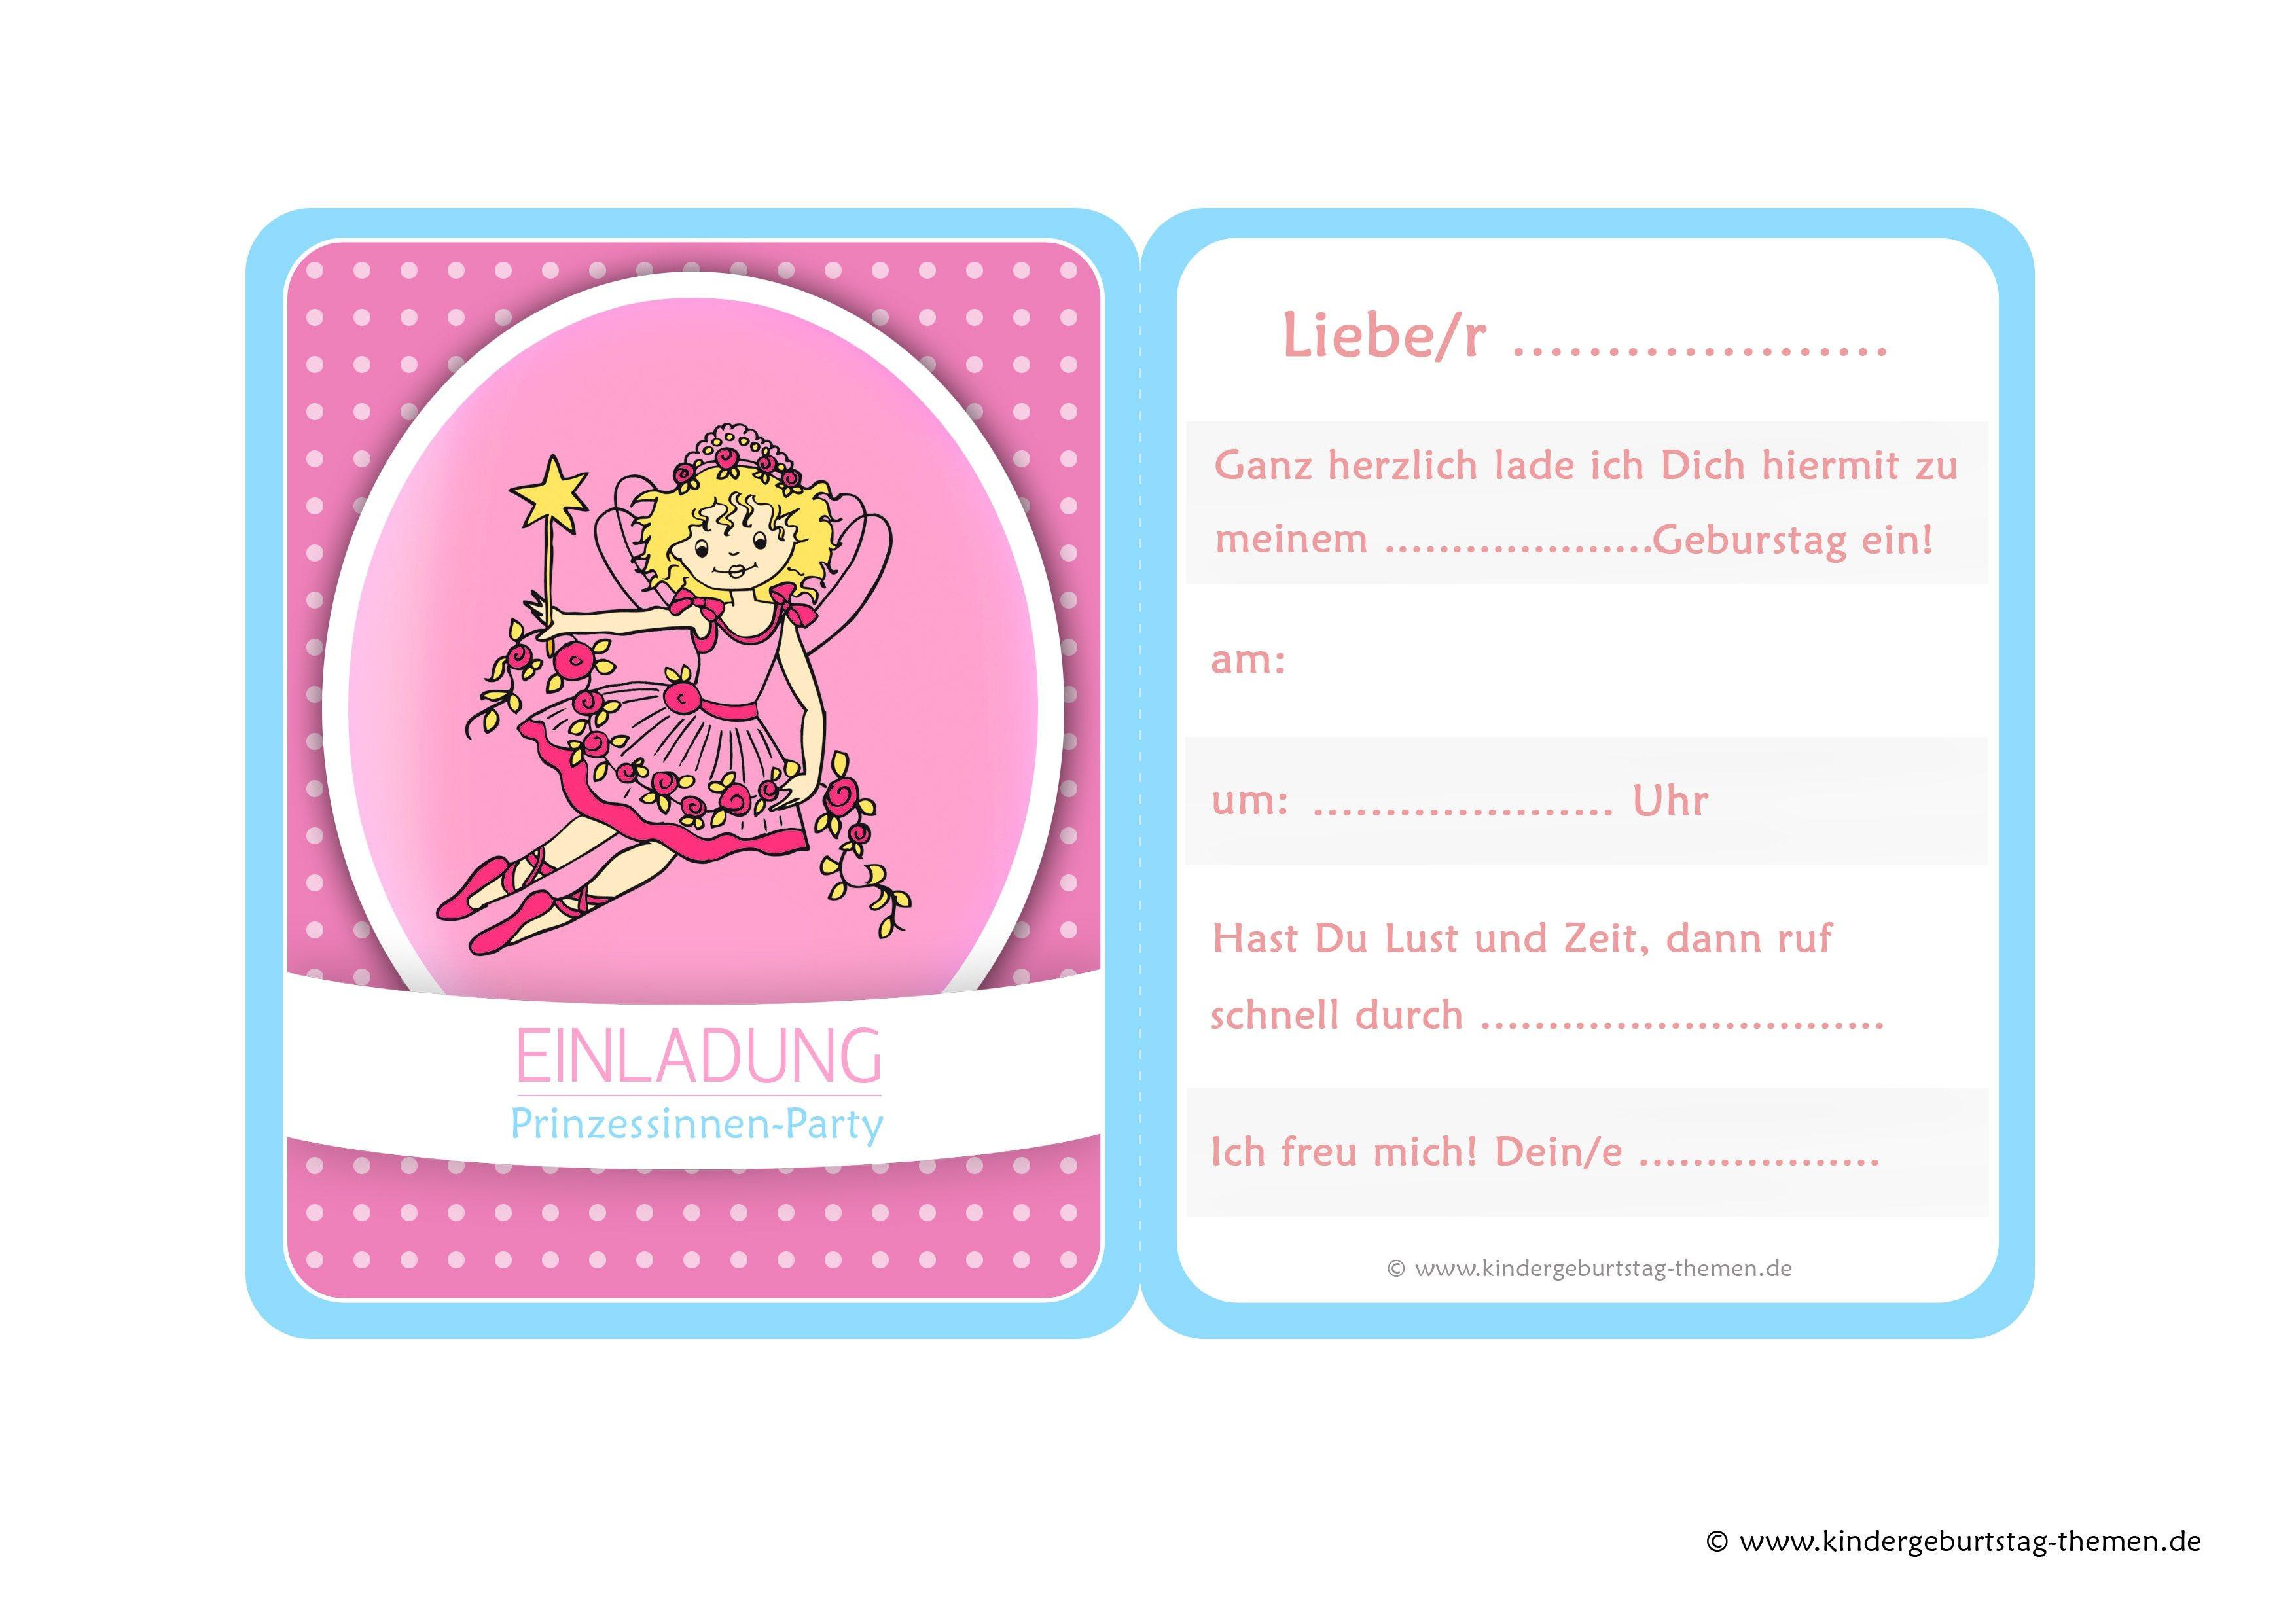 Geburtstagskarte Ausdrucken Kostenlos Einzigartig 35 Modern Karten Einladung Konzept Bild